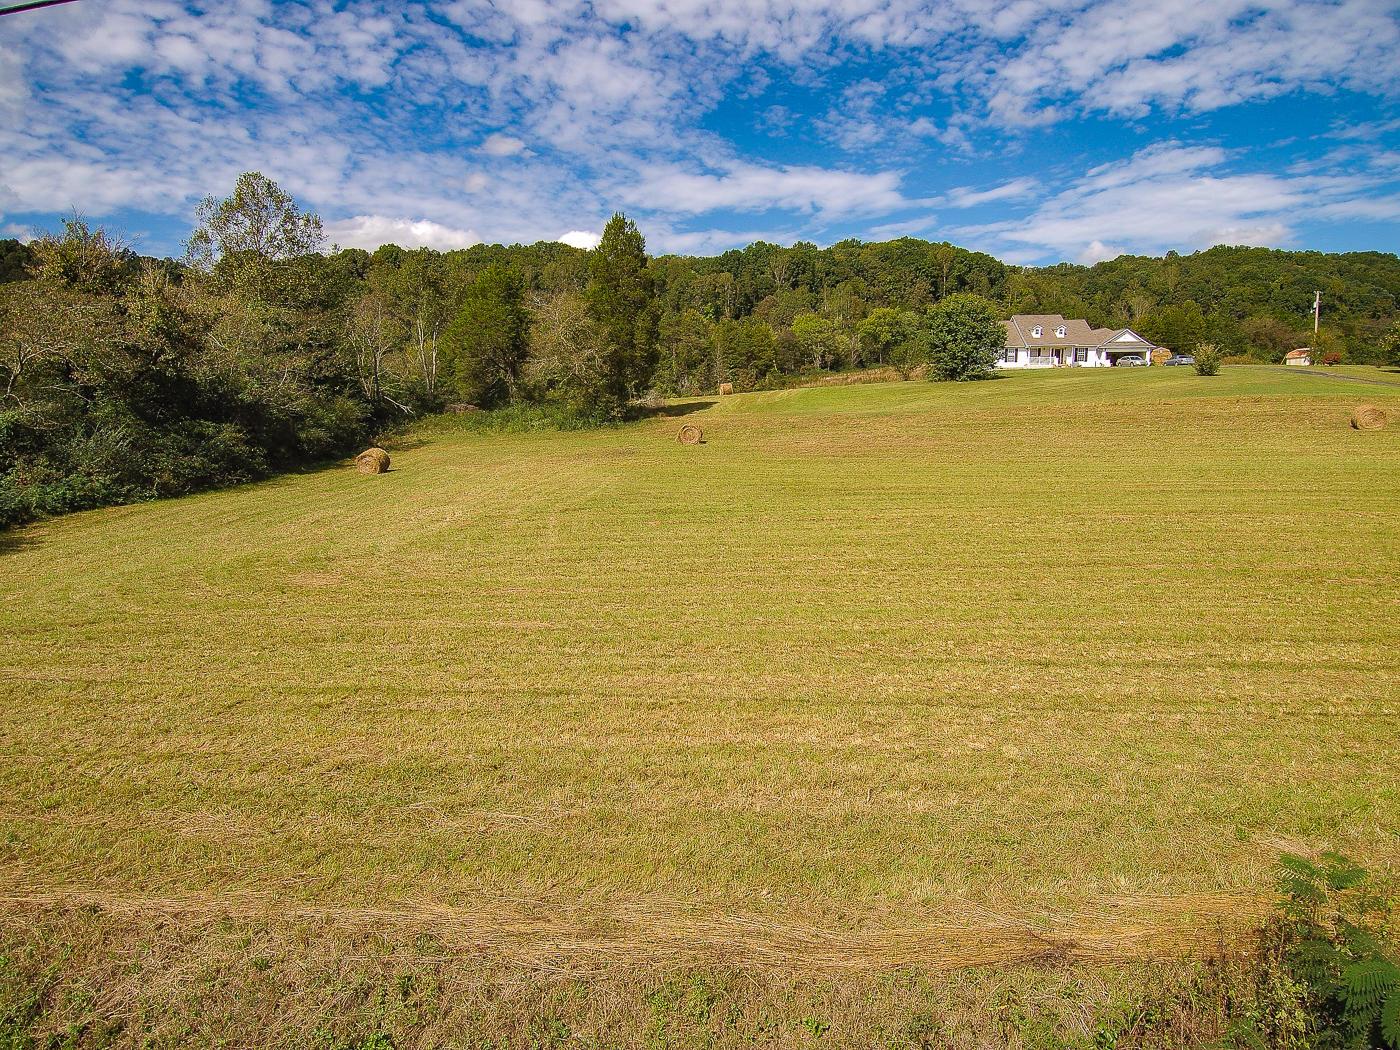 Brushy Valley Rd, Heiskell, TN 37754